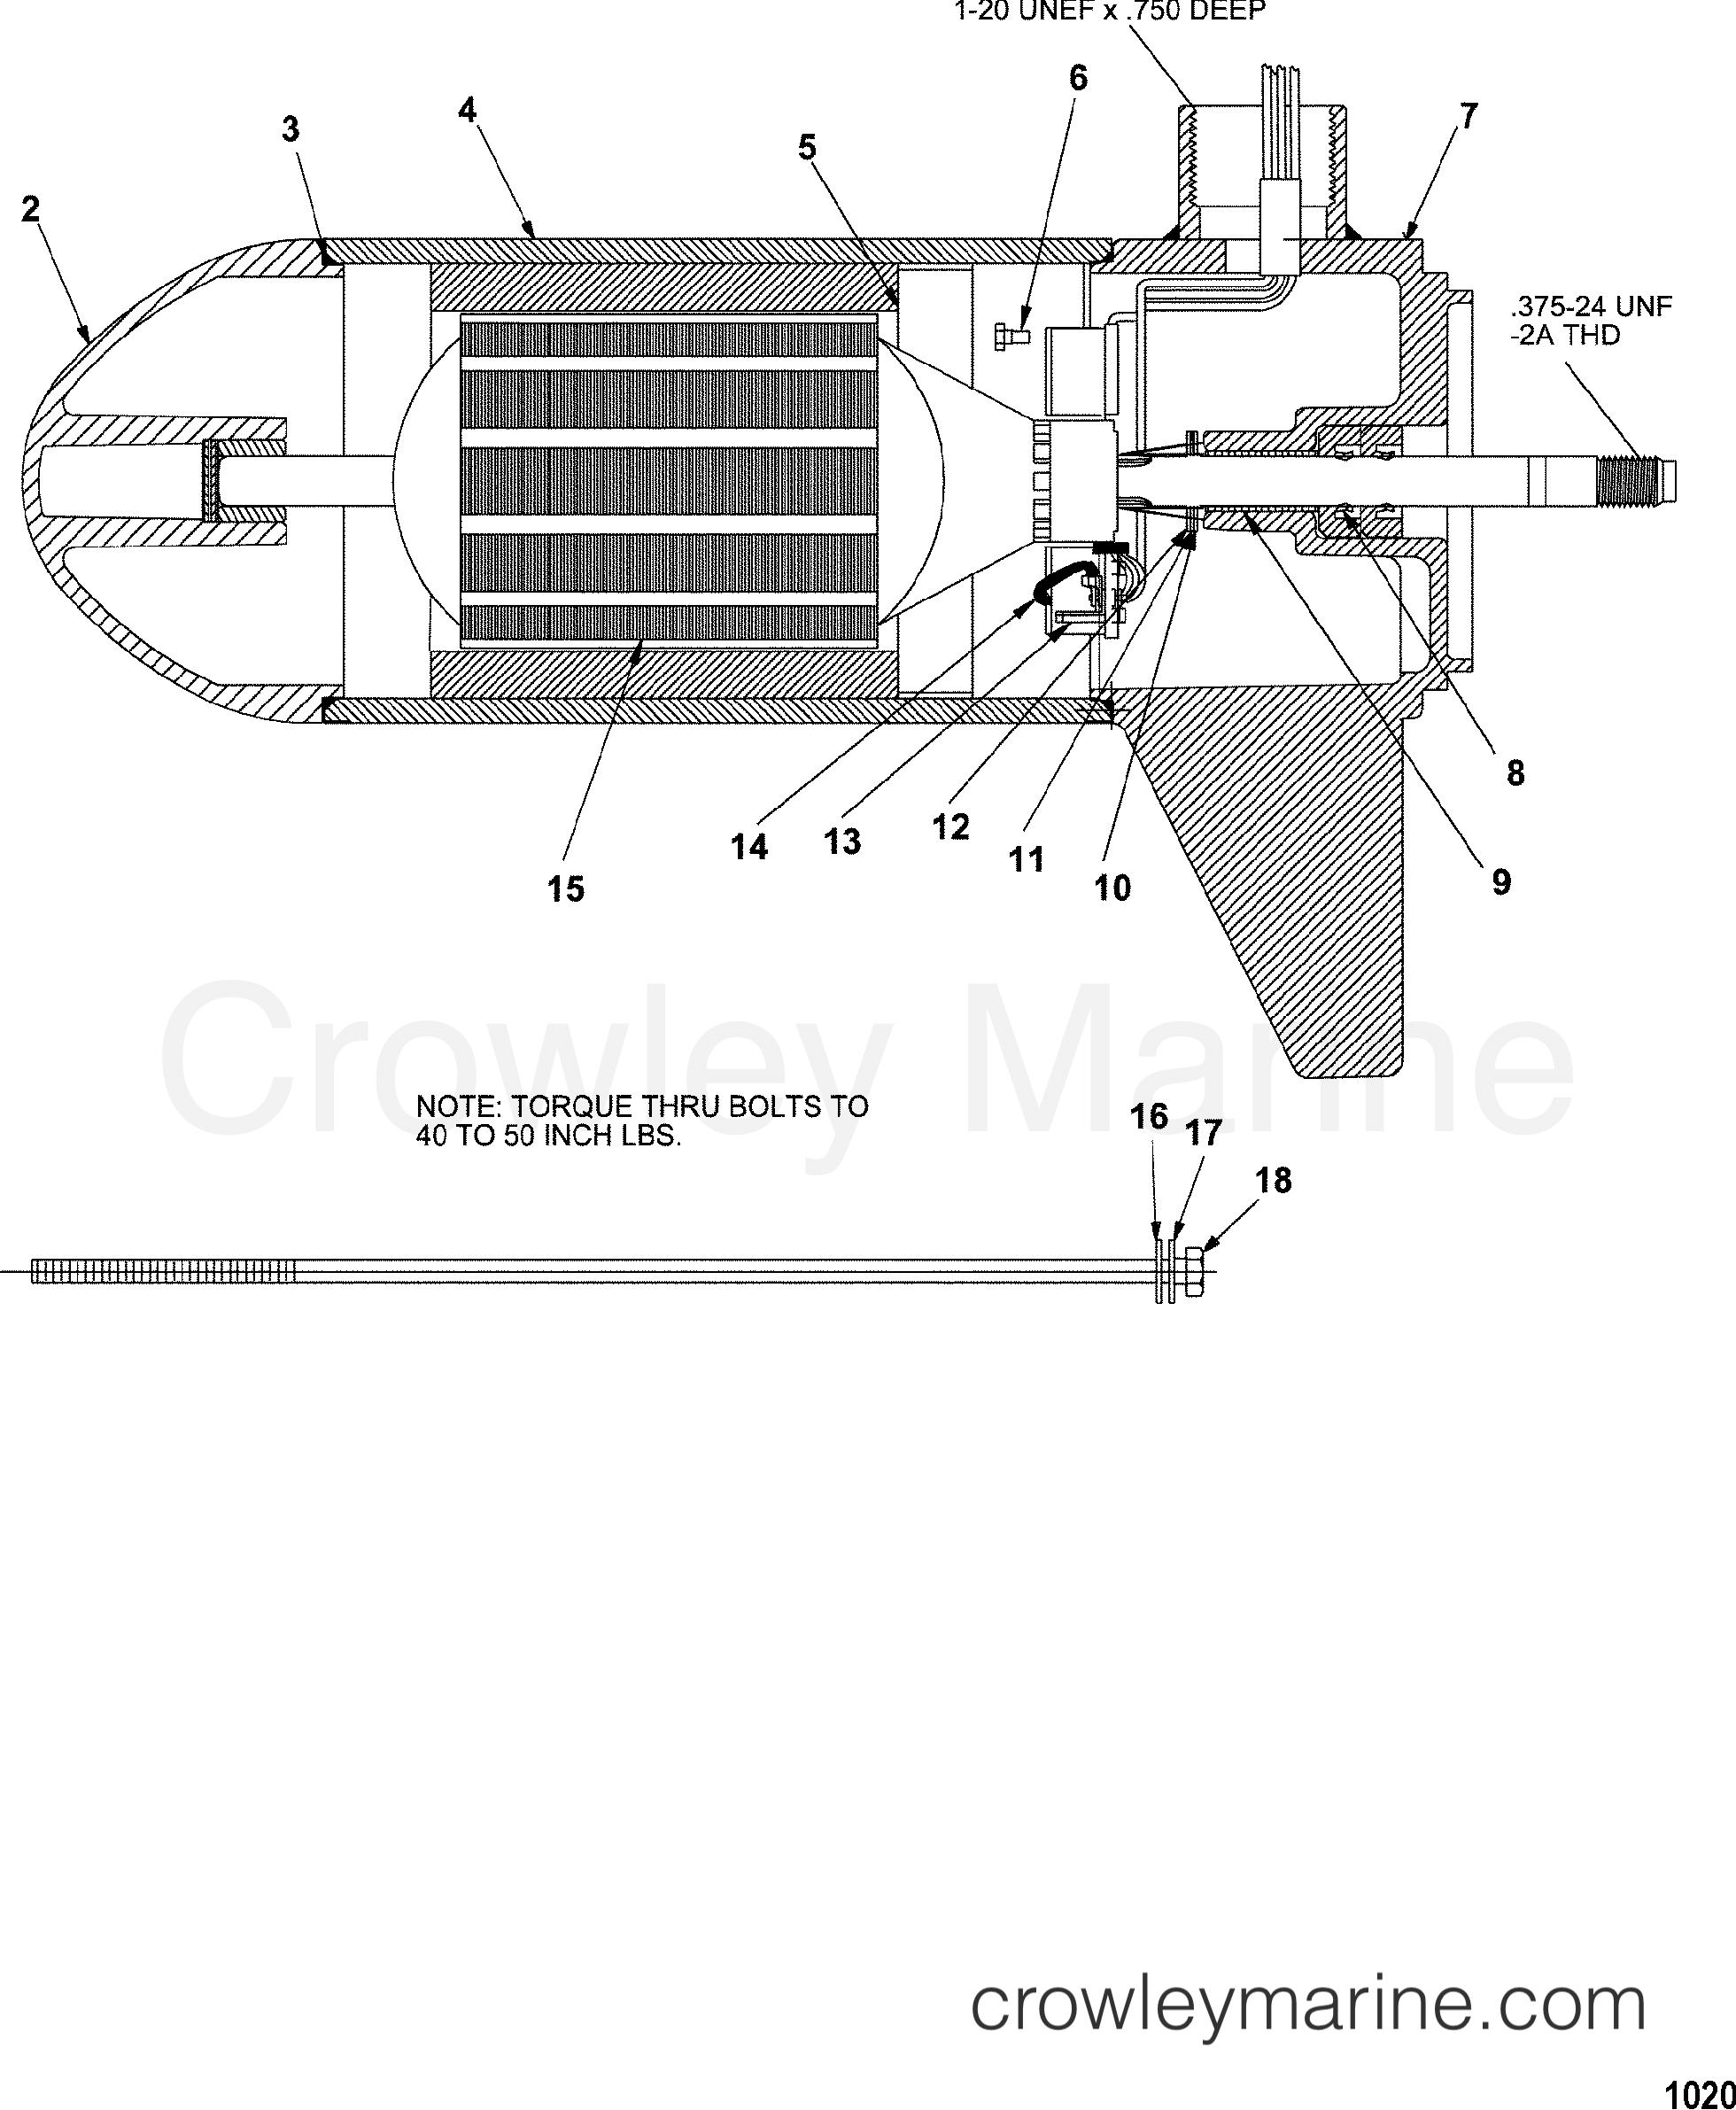 1998 MotorGuide 12V [MOTORGUIDE] - 9HVT507U1 - LOWER UNIT ASSEMBLY(43# - 5/2 SPEED) (MET397012)